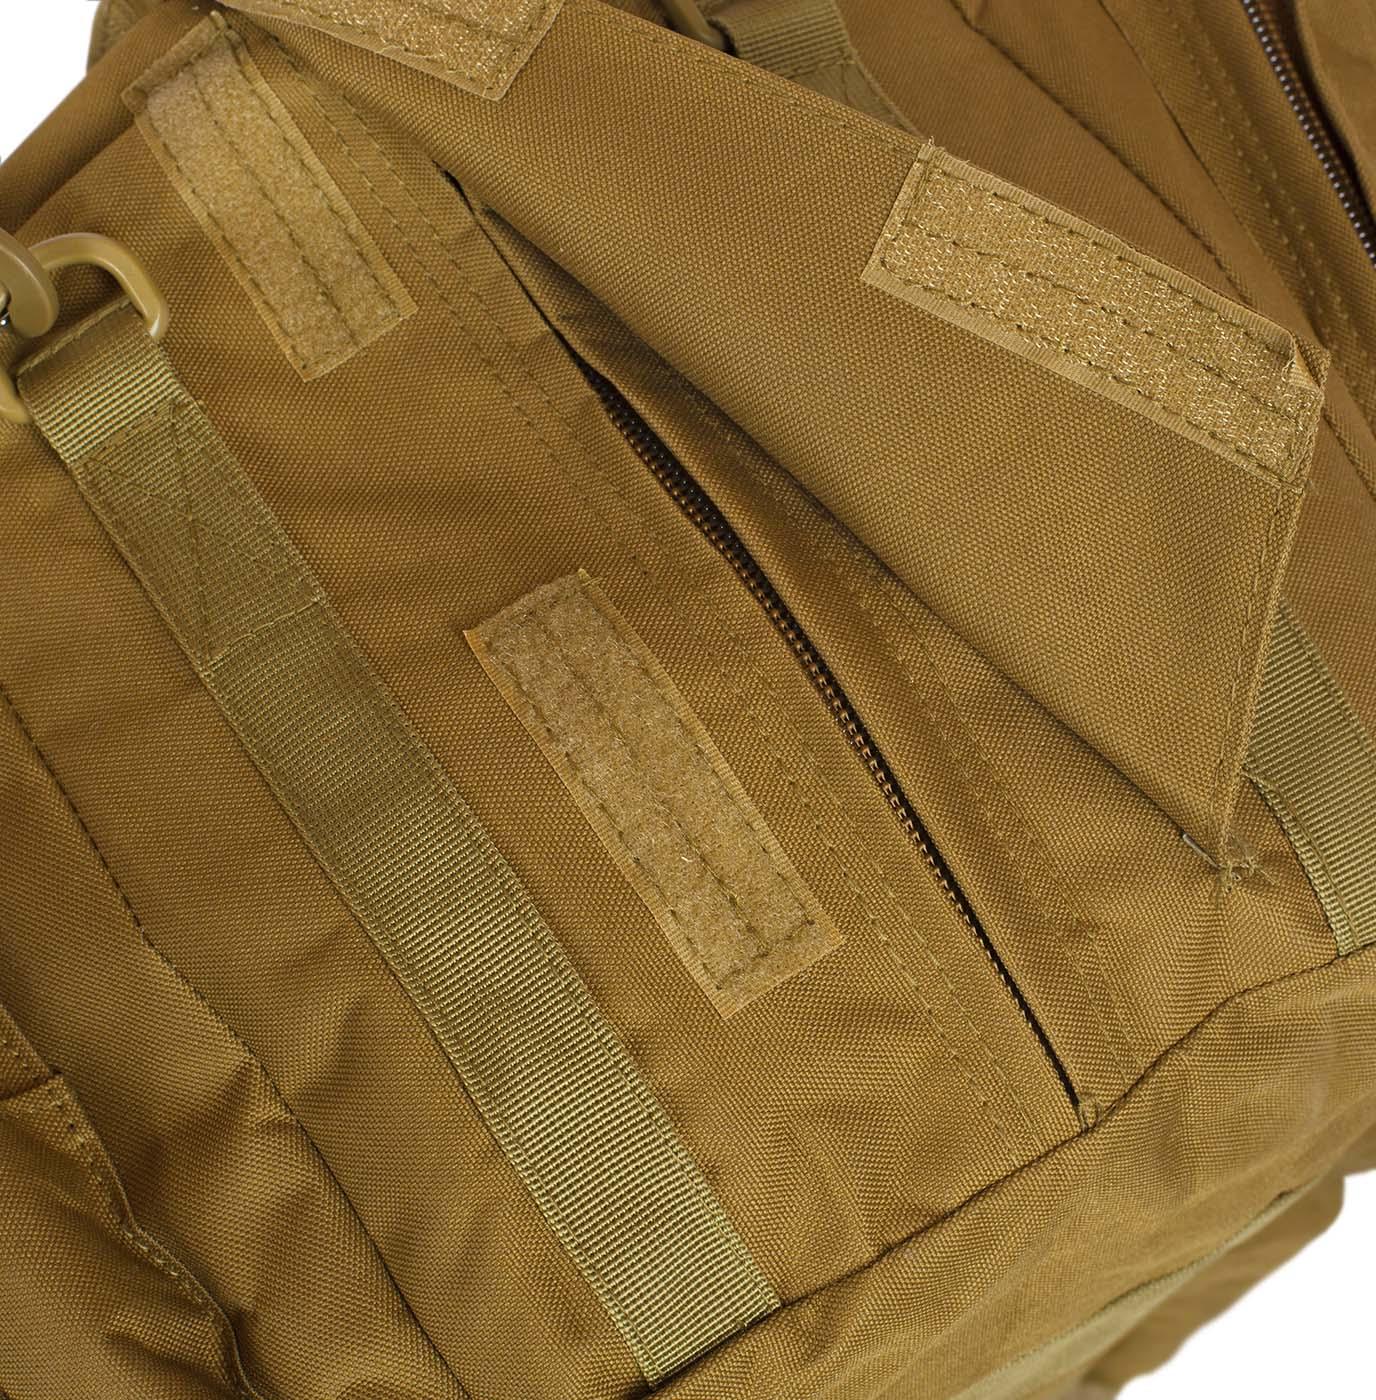 Эргономичная мужская сумка-рюкзак с нашивкой ДПС - заказать в Военпро